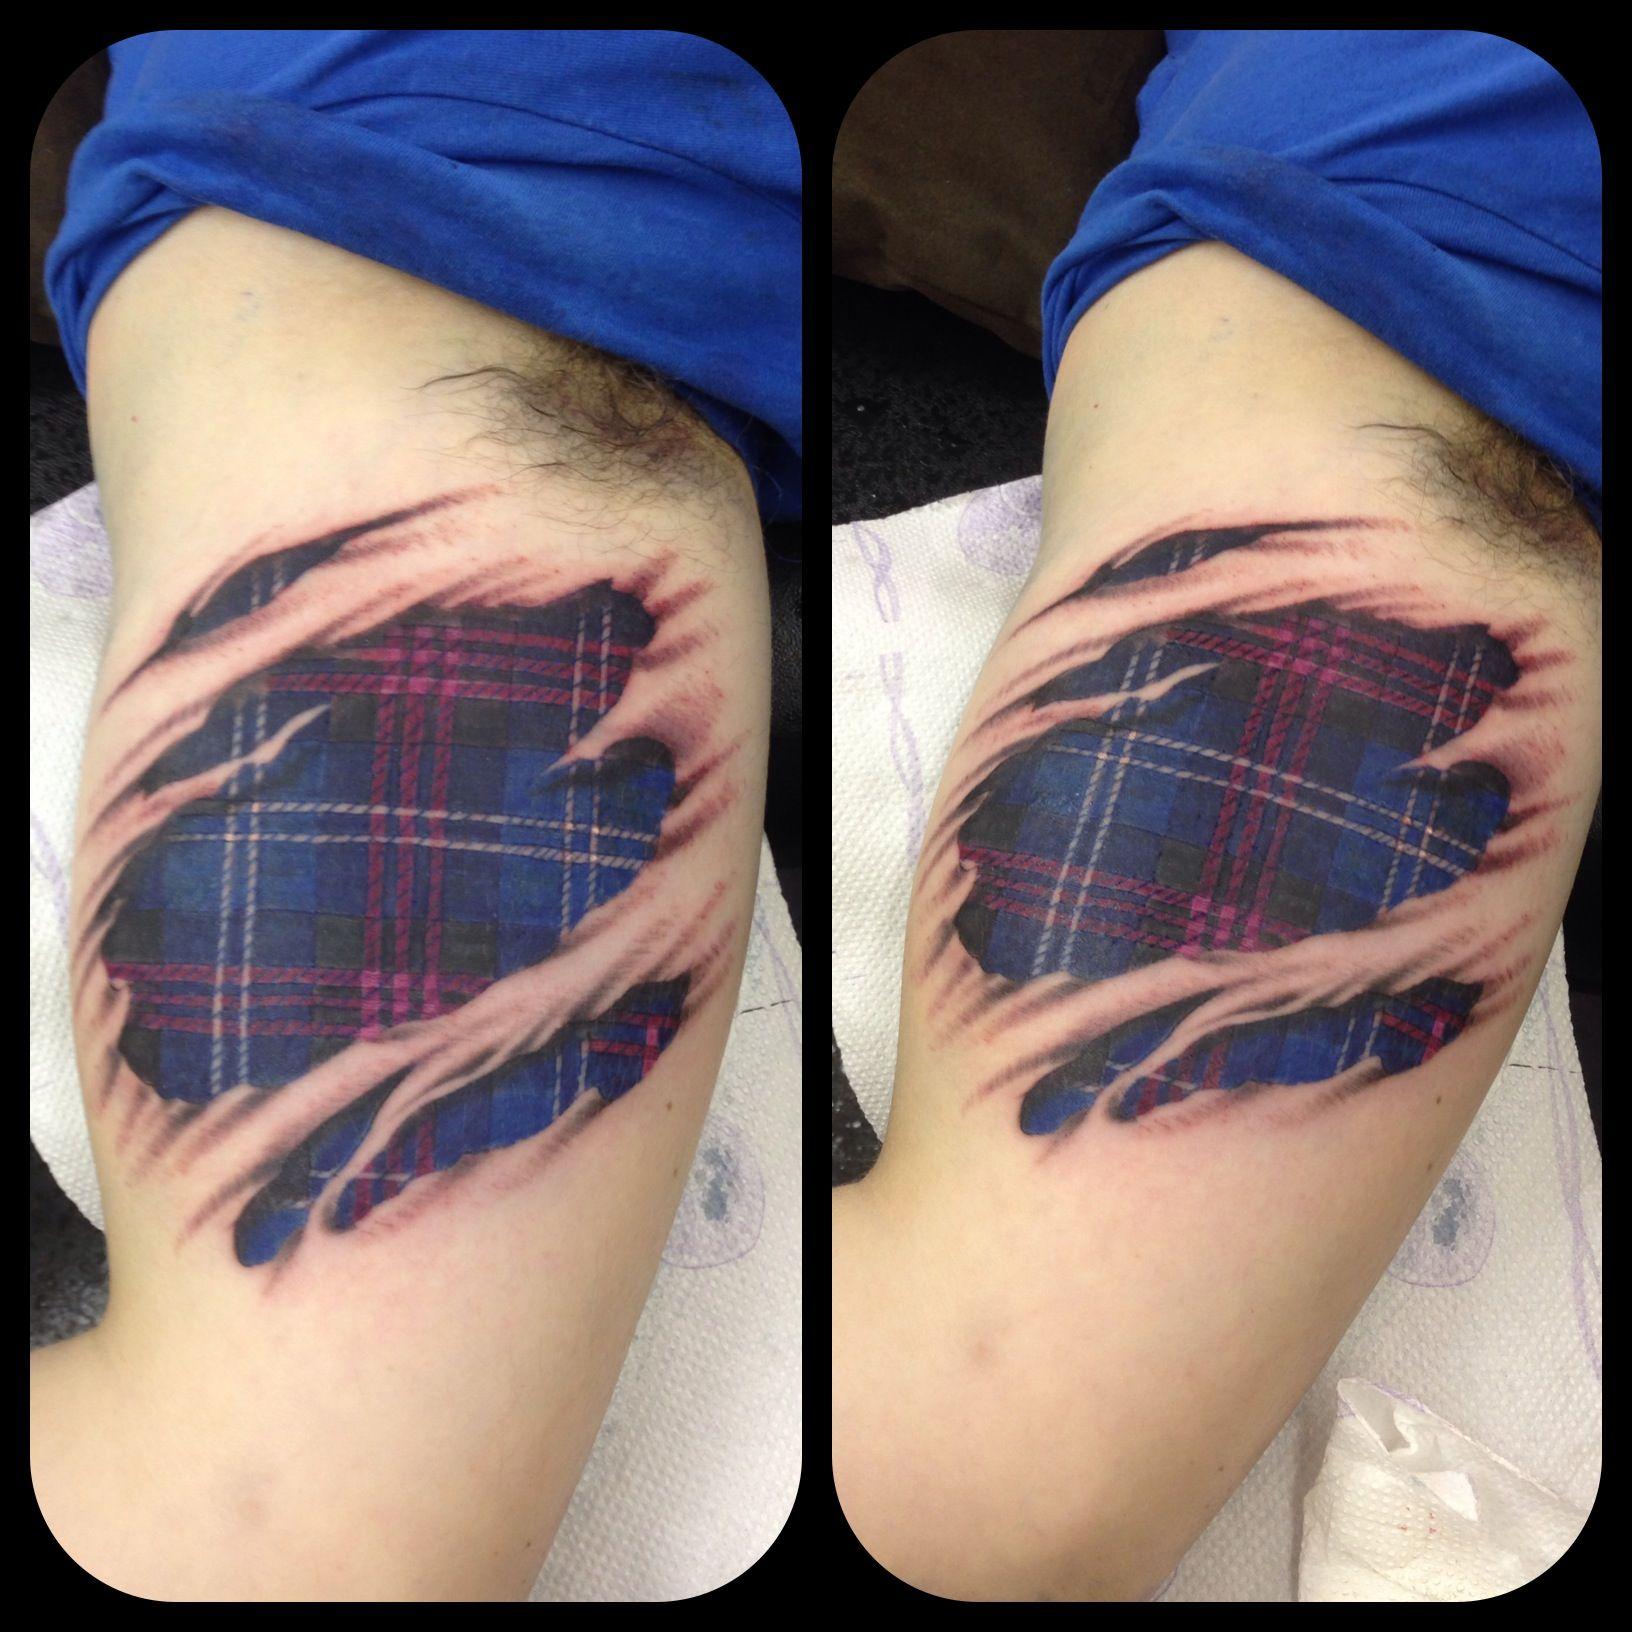 25 Amazing 3d Tattoos Scottish Tattoos Tattoos Under Skin Tattoo